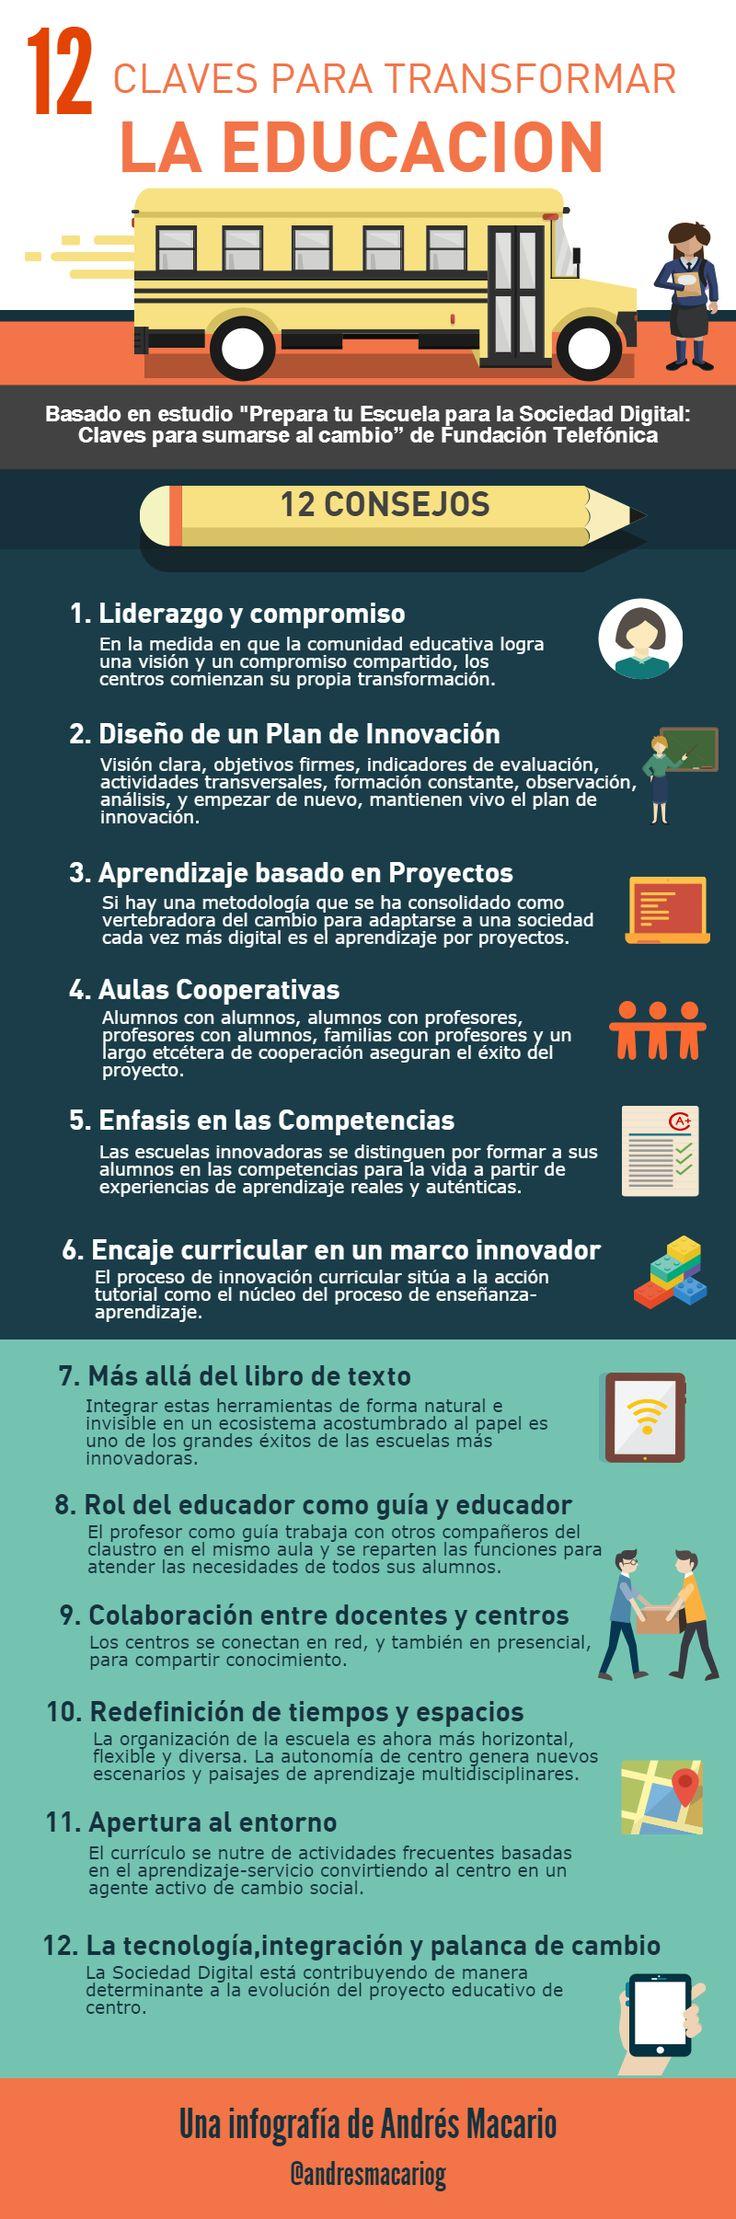 12 claves para transformar la educacion - Infografía Andrés Macario